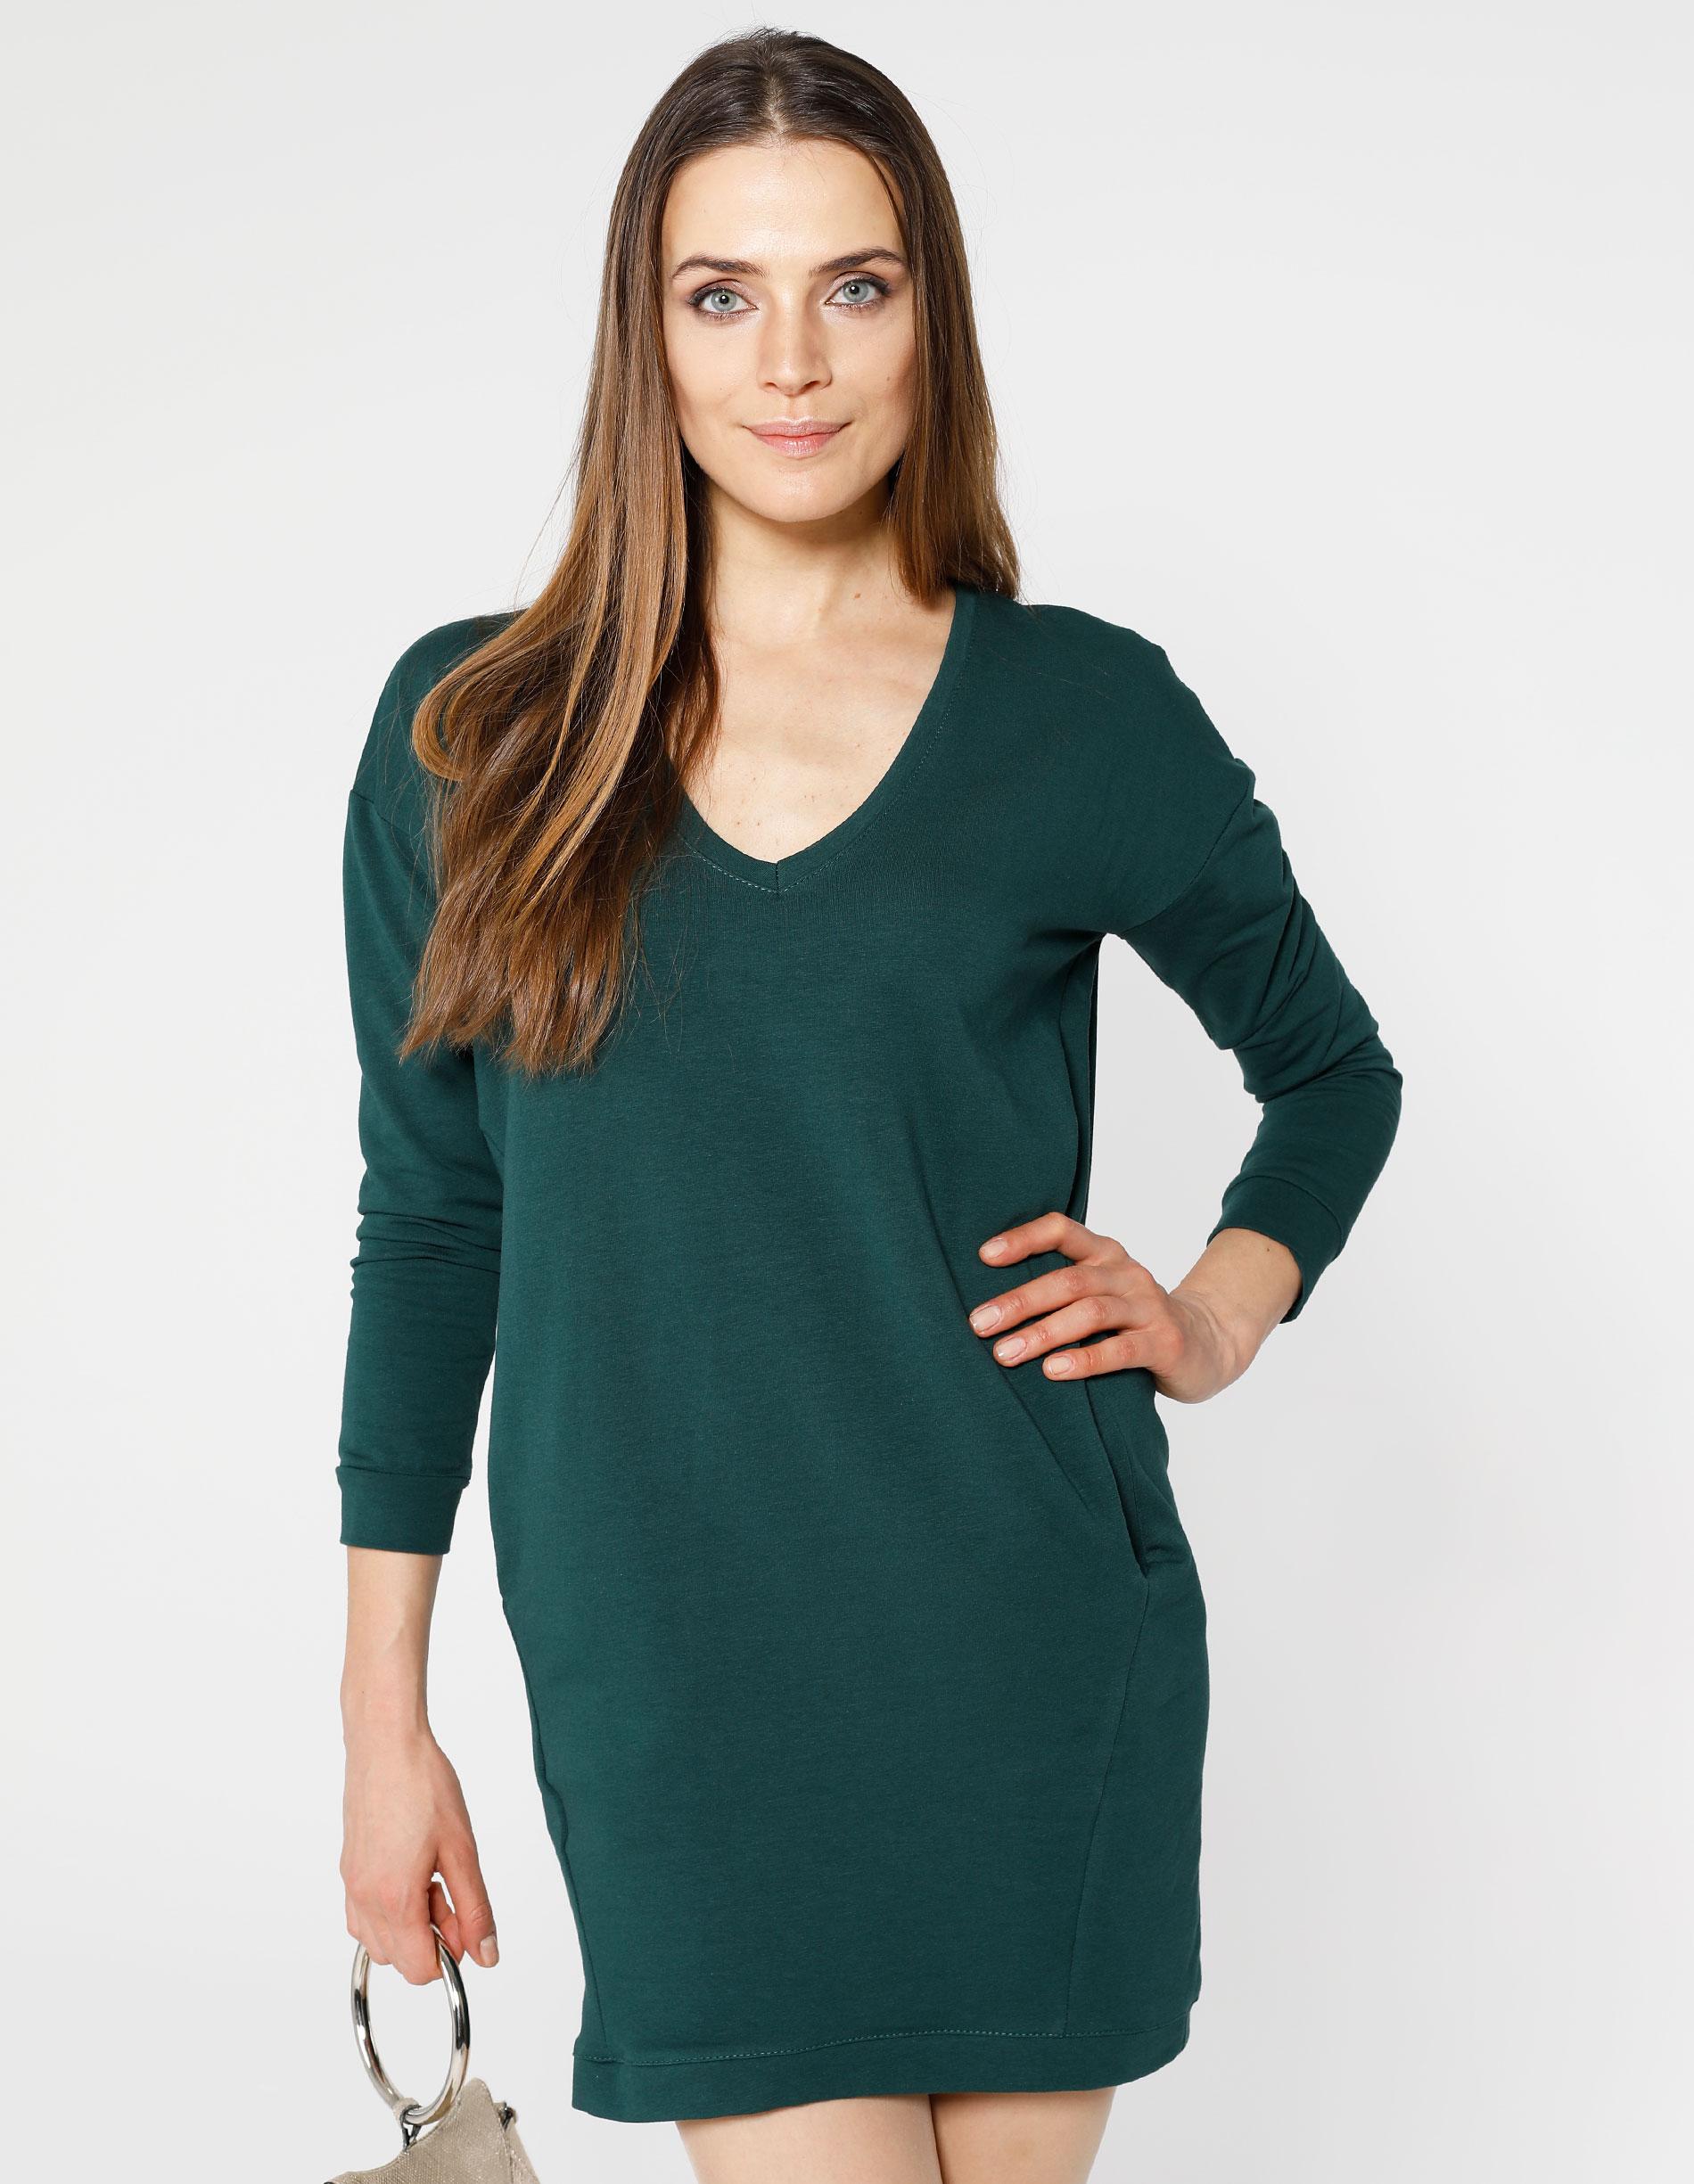 Sukienka - 30-88030 VEBO - Unisono